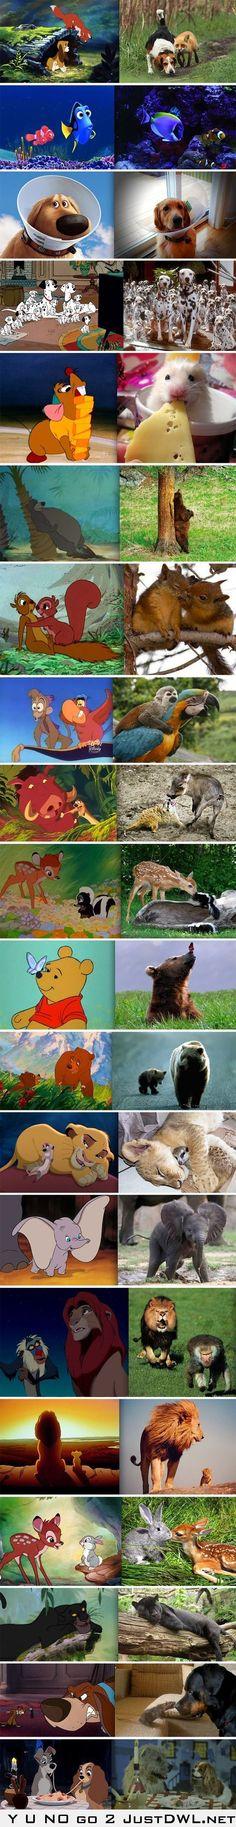 Personajes de la fantasía Disney encontrados en la vida real